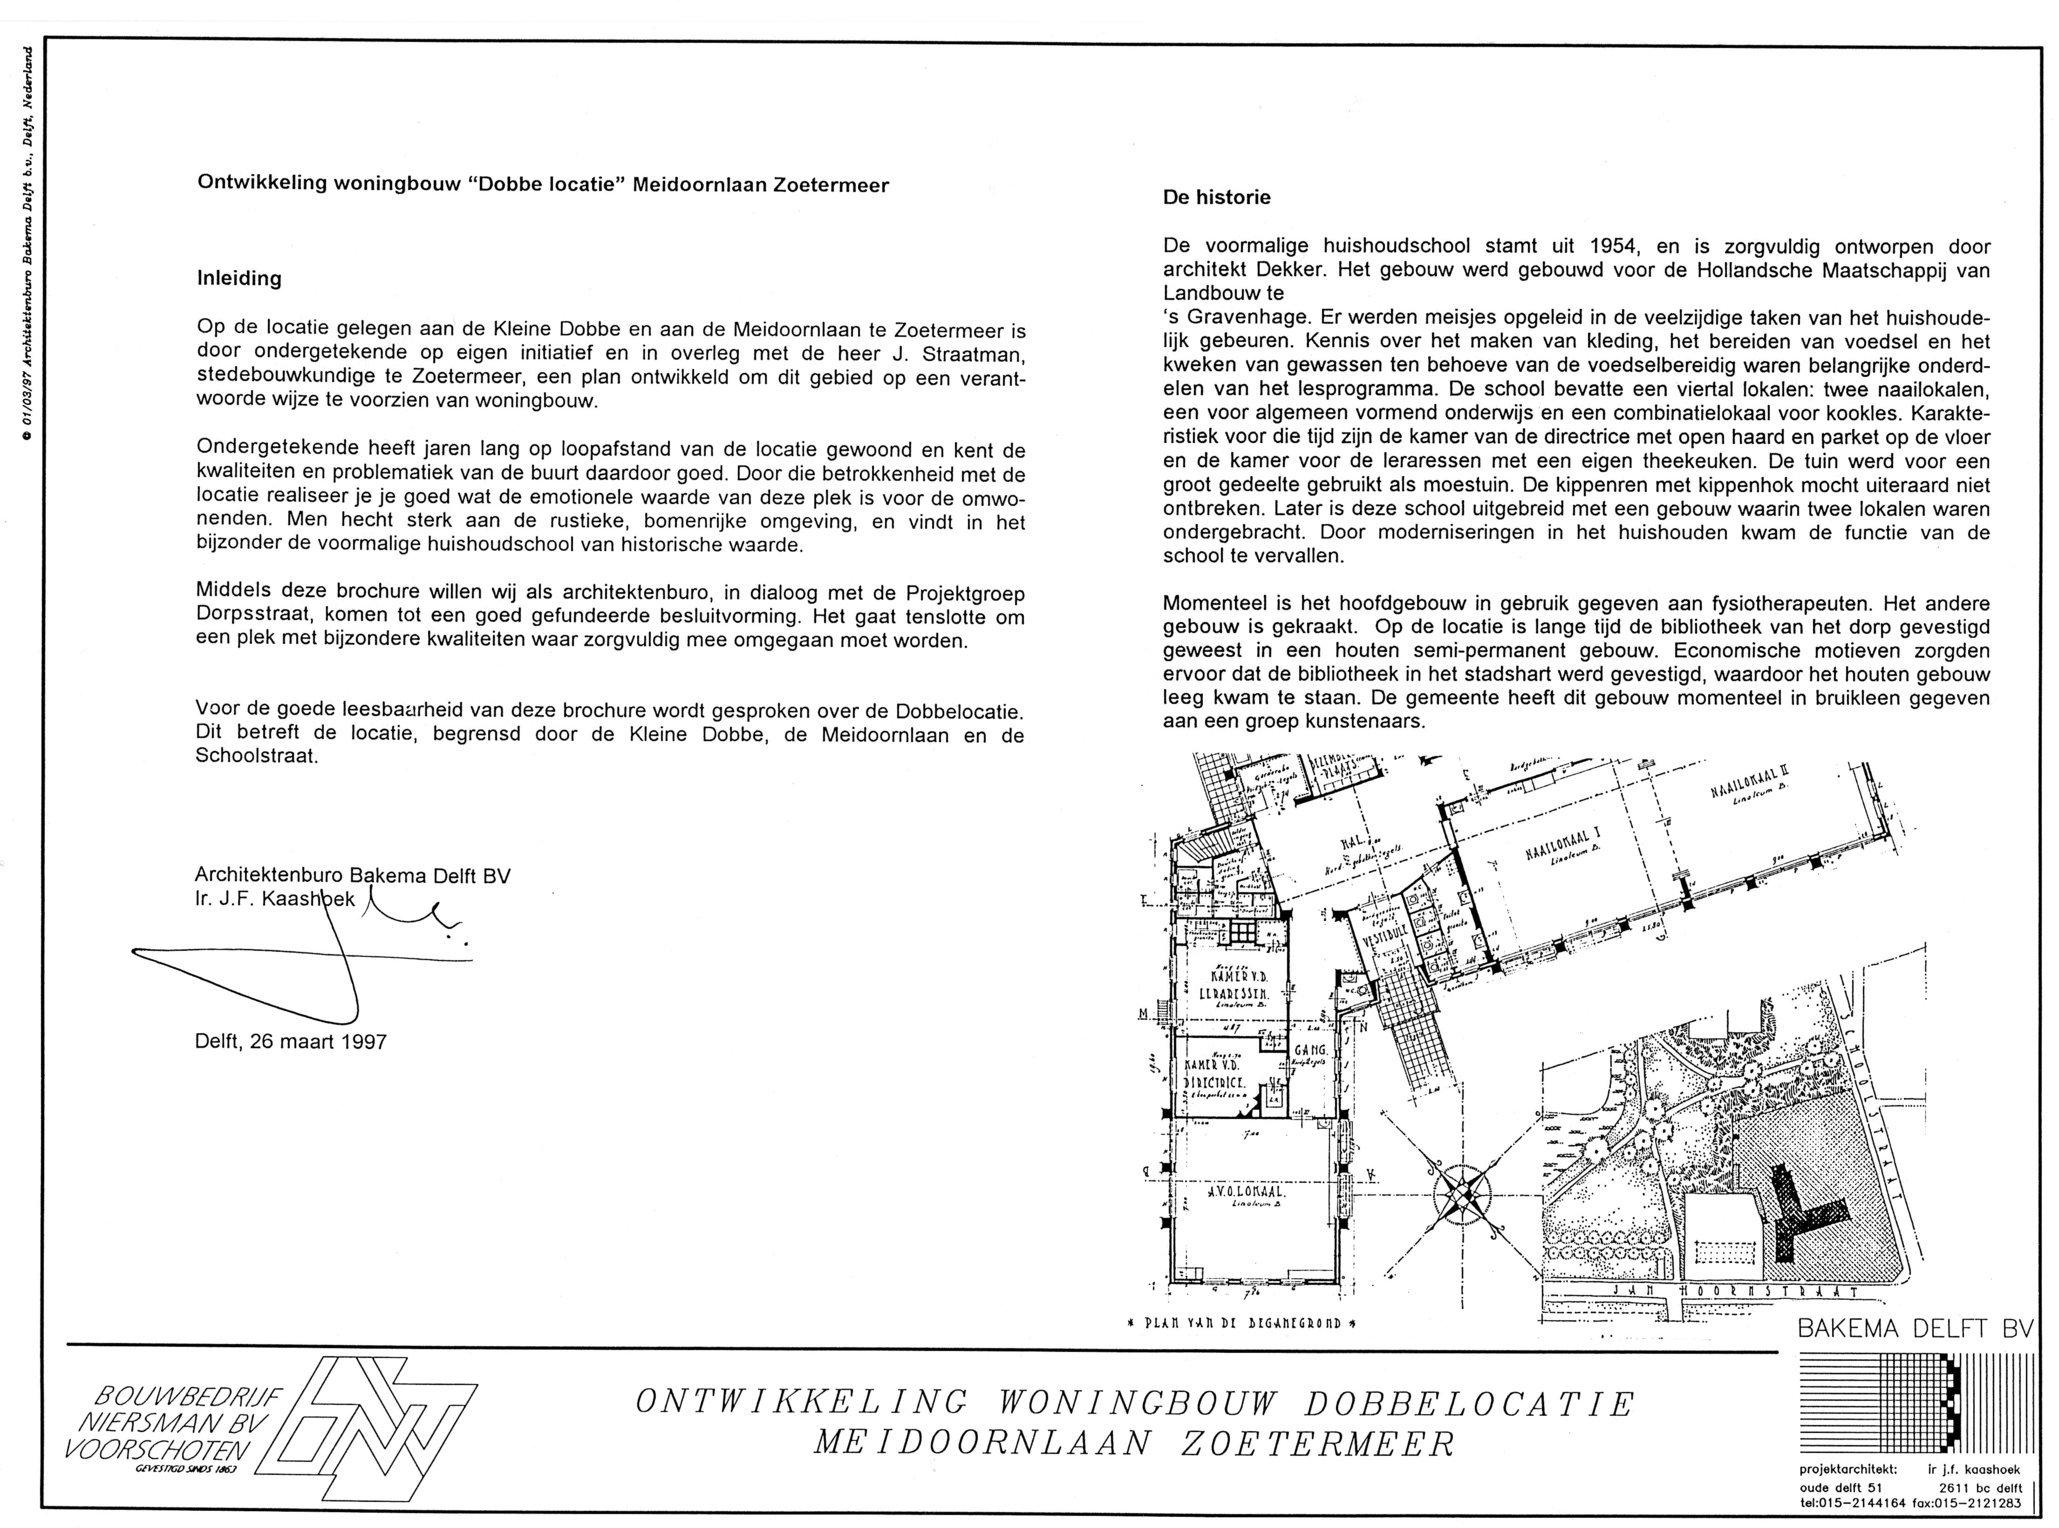 Meidoornhof_voorstudie02.jpg